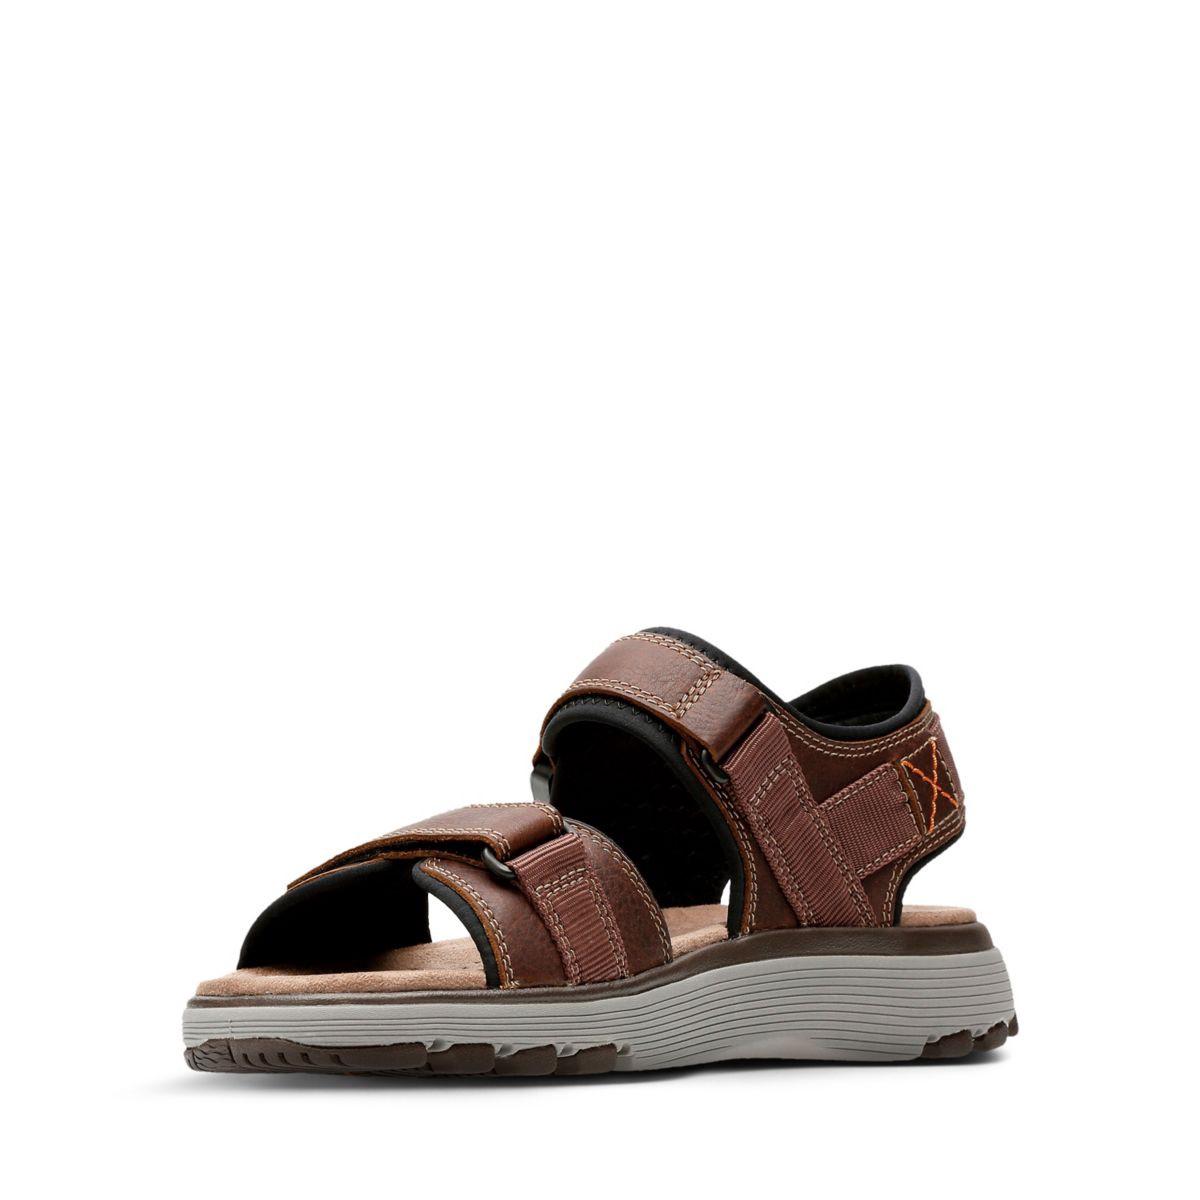 daadb05f3 Clarks Un Trek Part - Mens Sport Sandals Dark Tan Leather 10.5